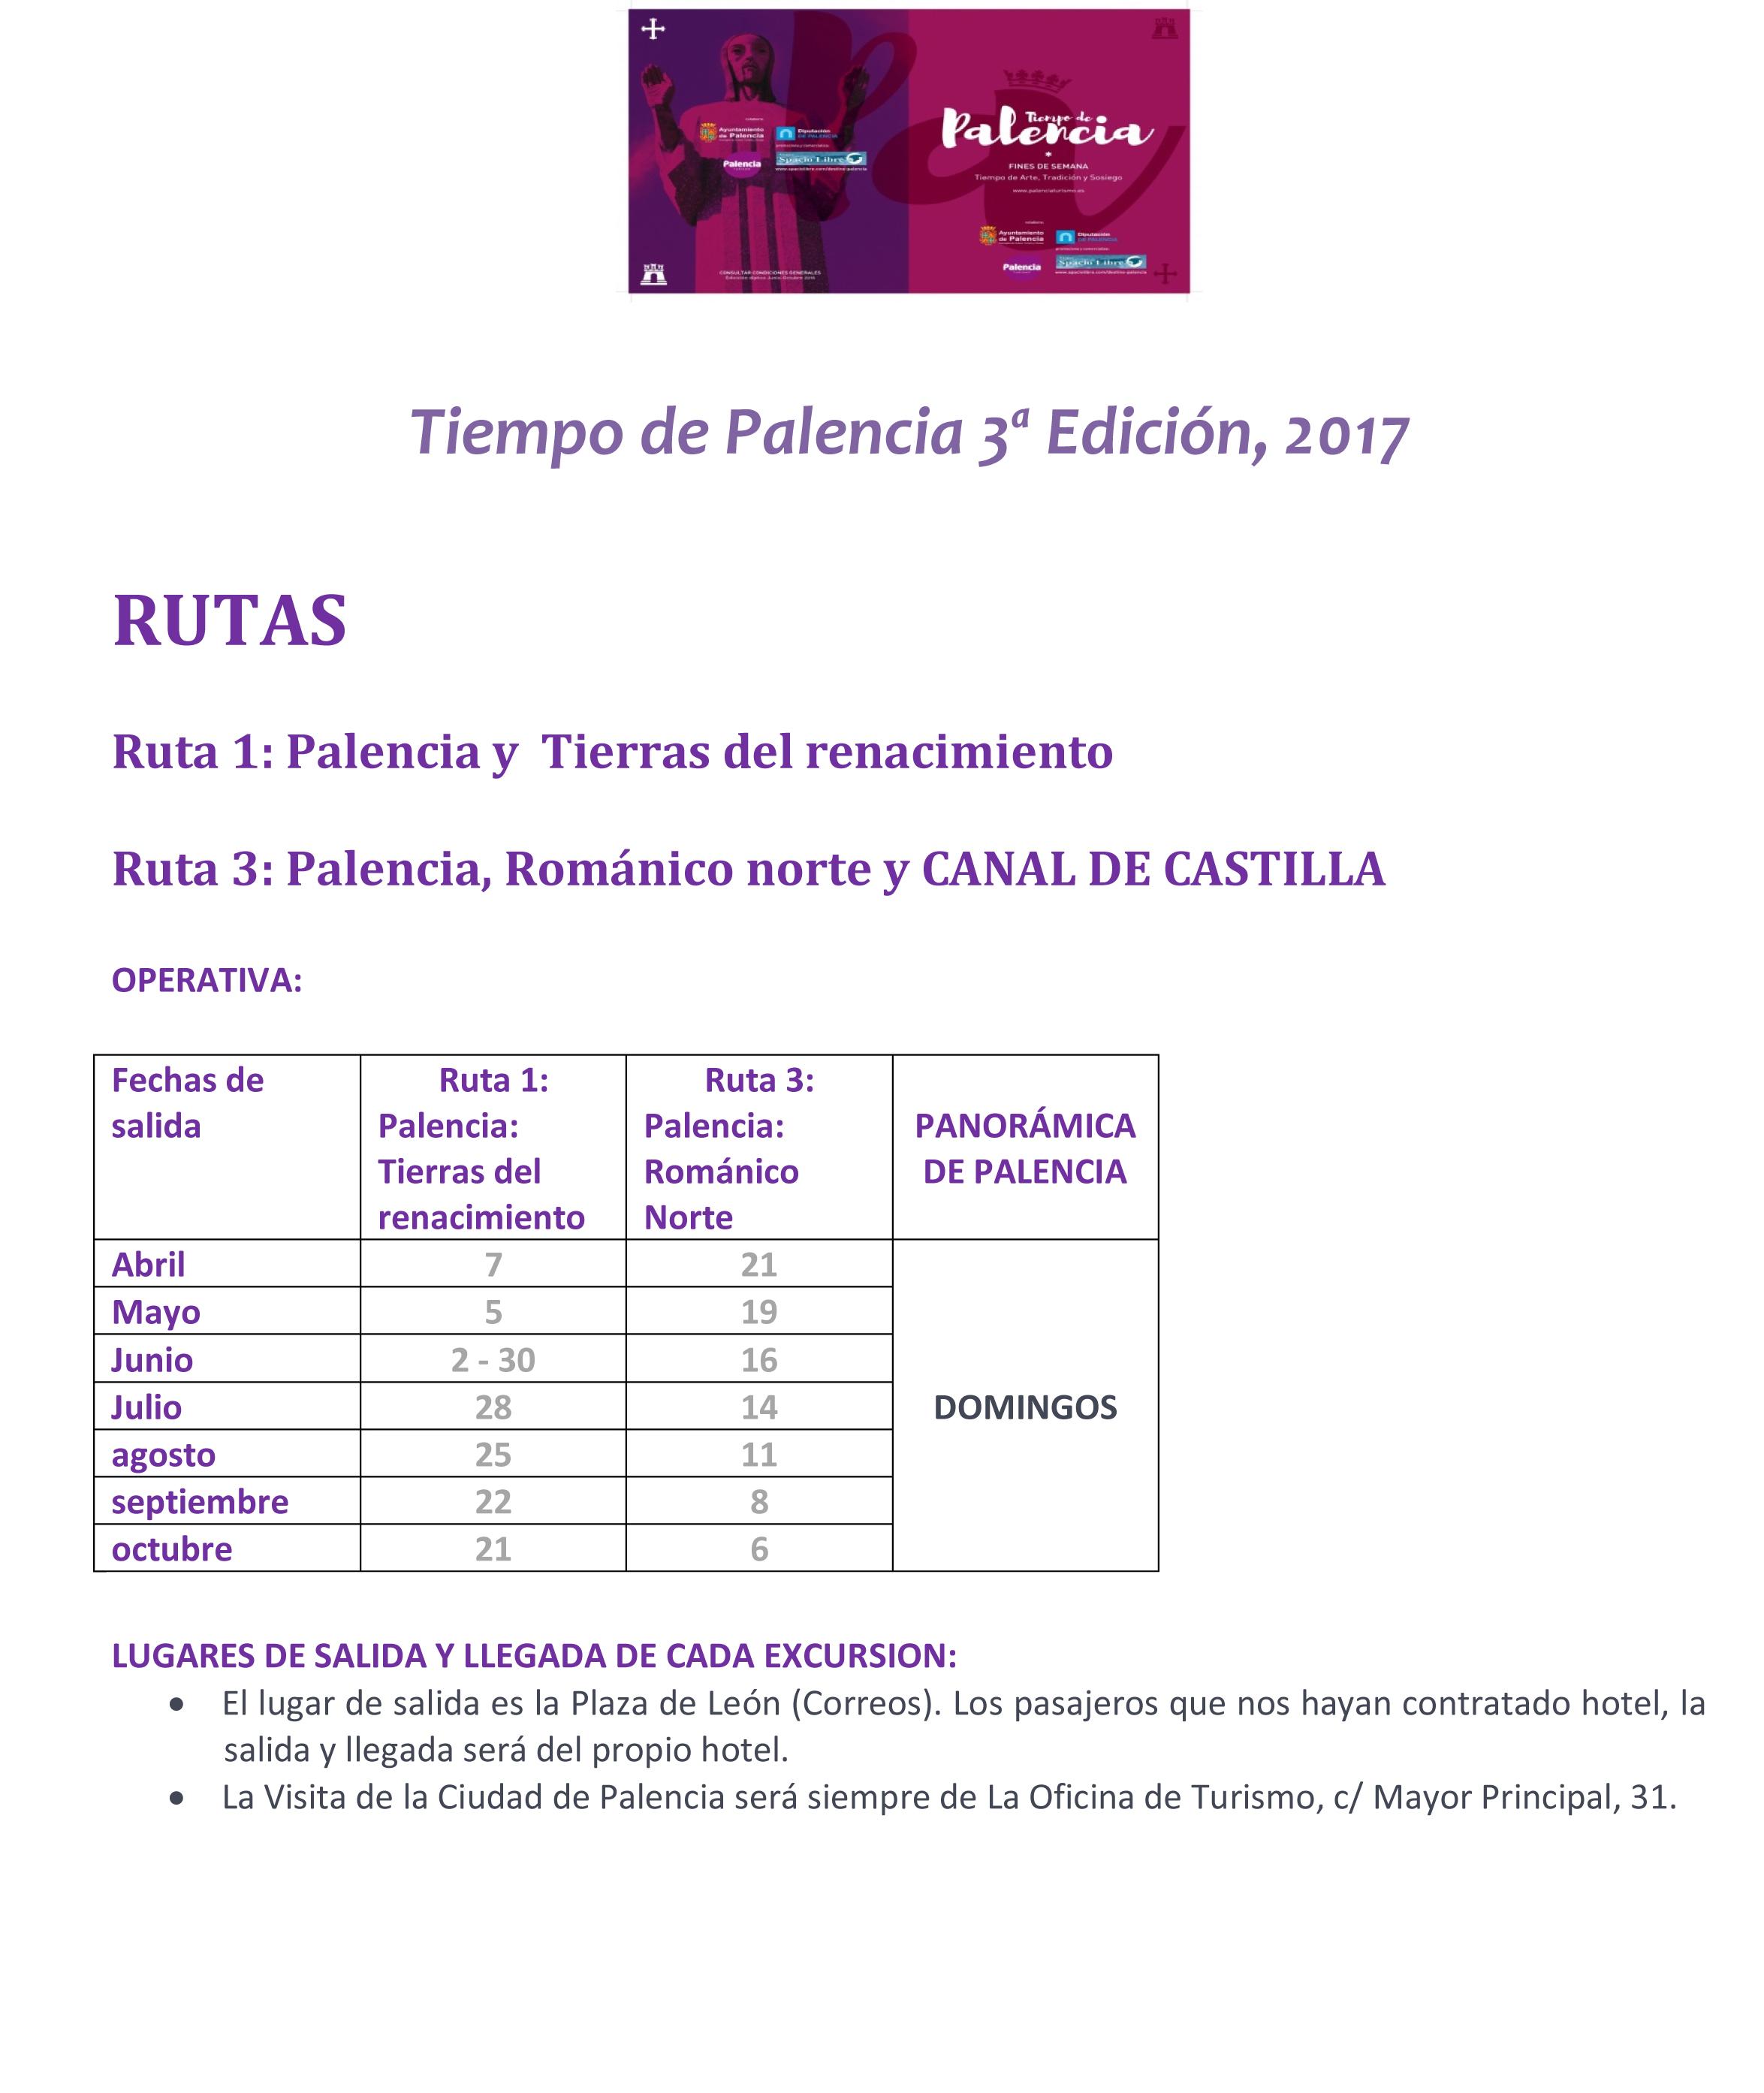 operativa-definitiva-con-fechas-y-condiciones-viajes-spacio_libre-rutas-1-y-3-1